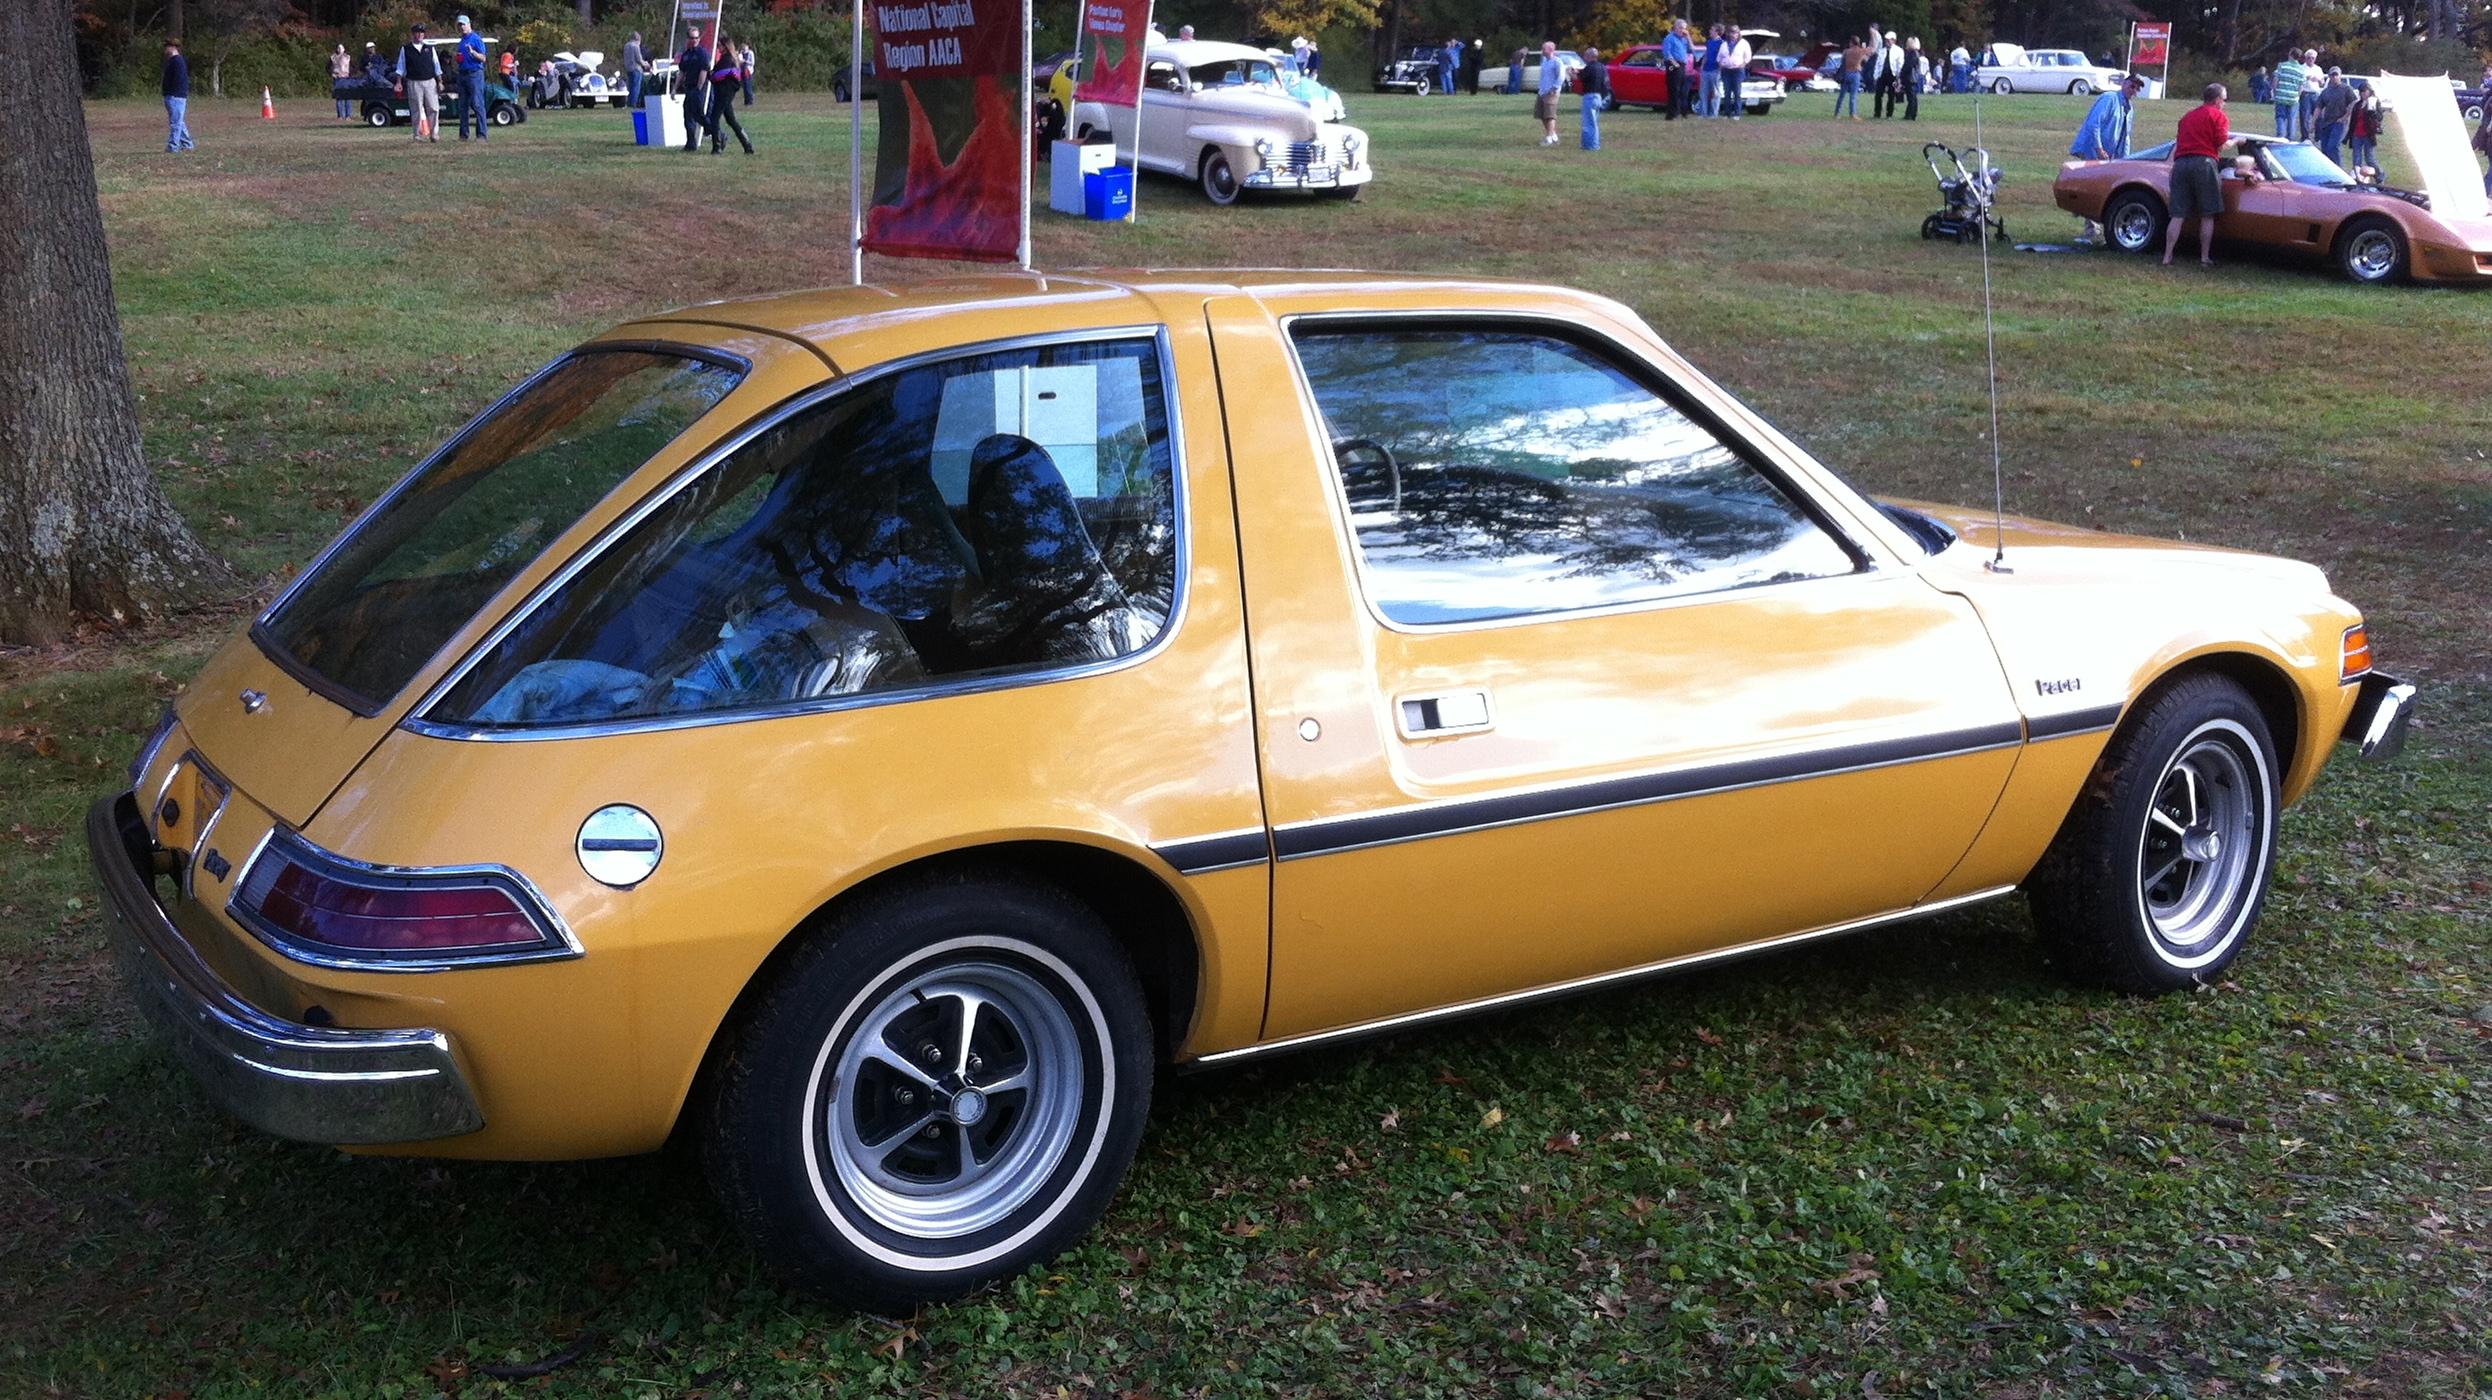 1975_AMC_Pacer_base_model_at_2012_Rockville_s.jpg